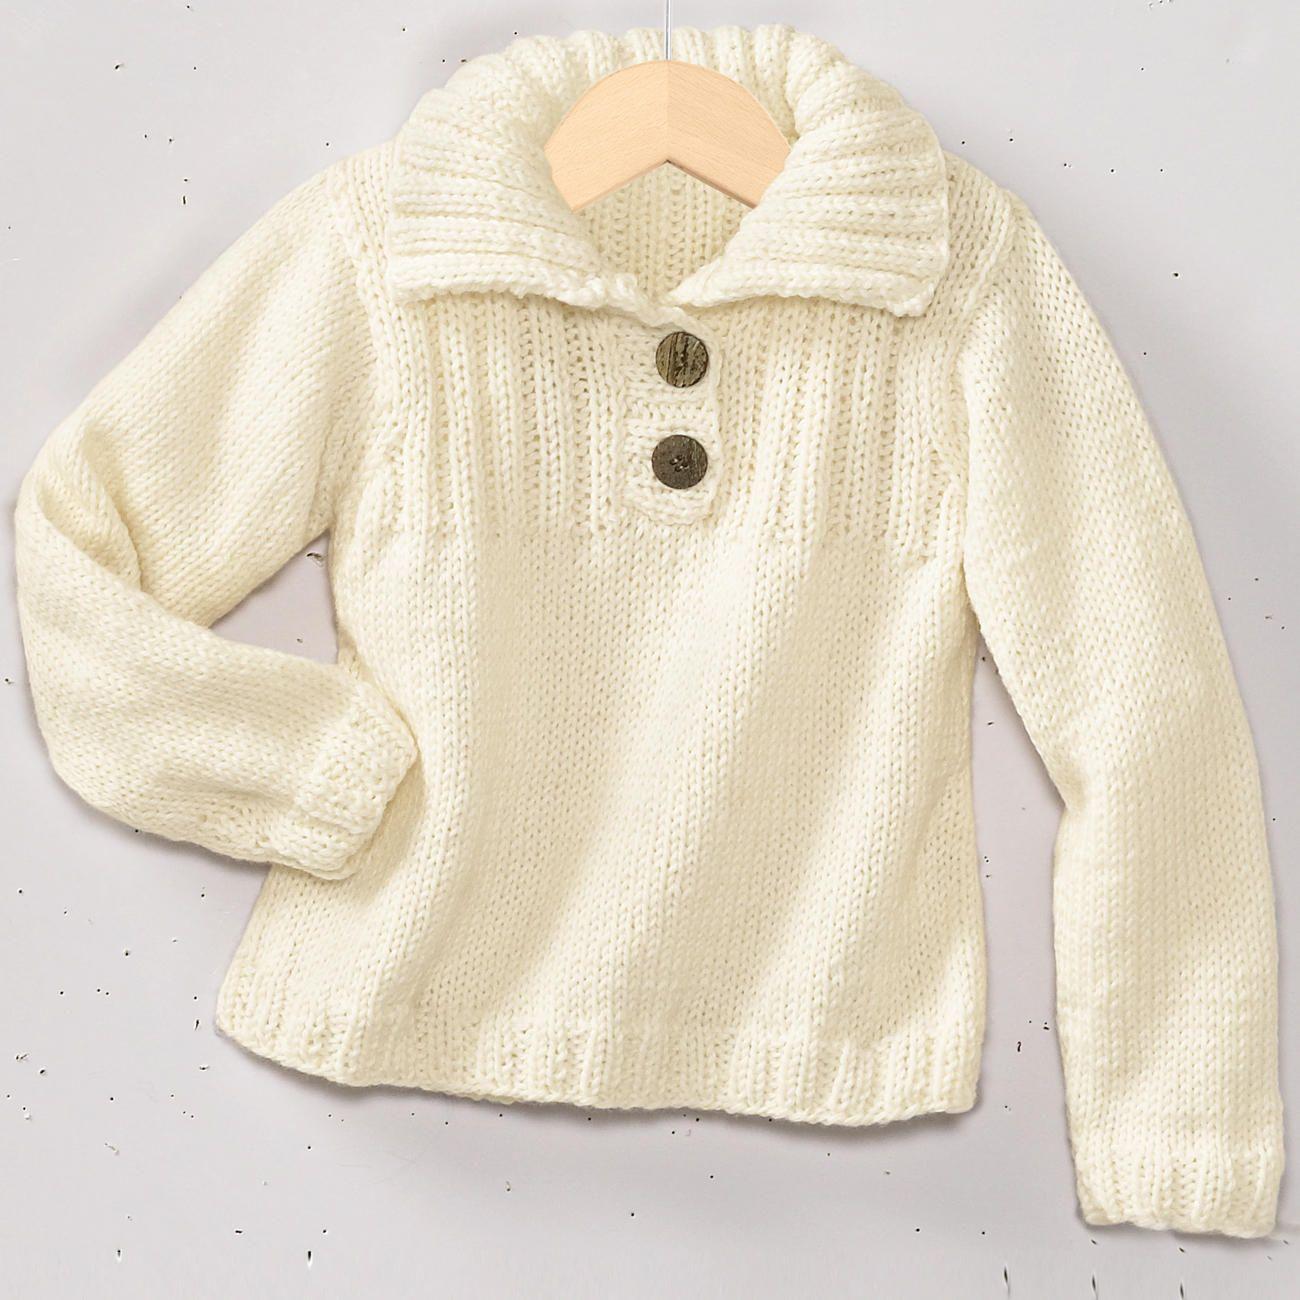 Modell 2182 Kinderpullover Aus Merino Classic Von Junghans Wolle